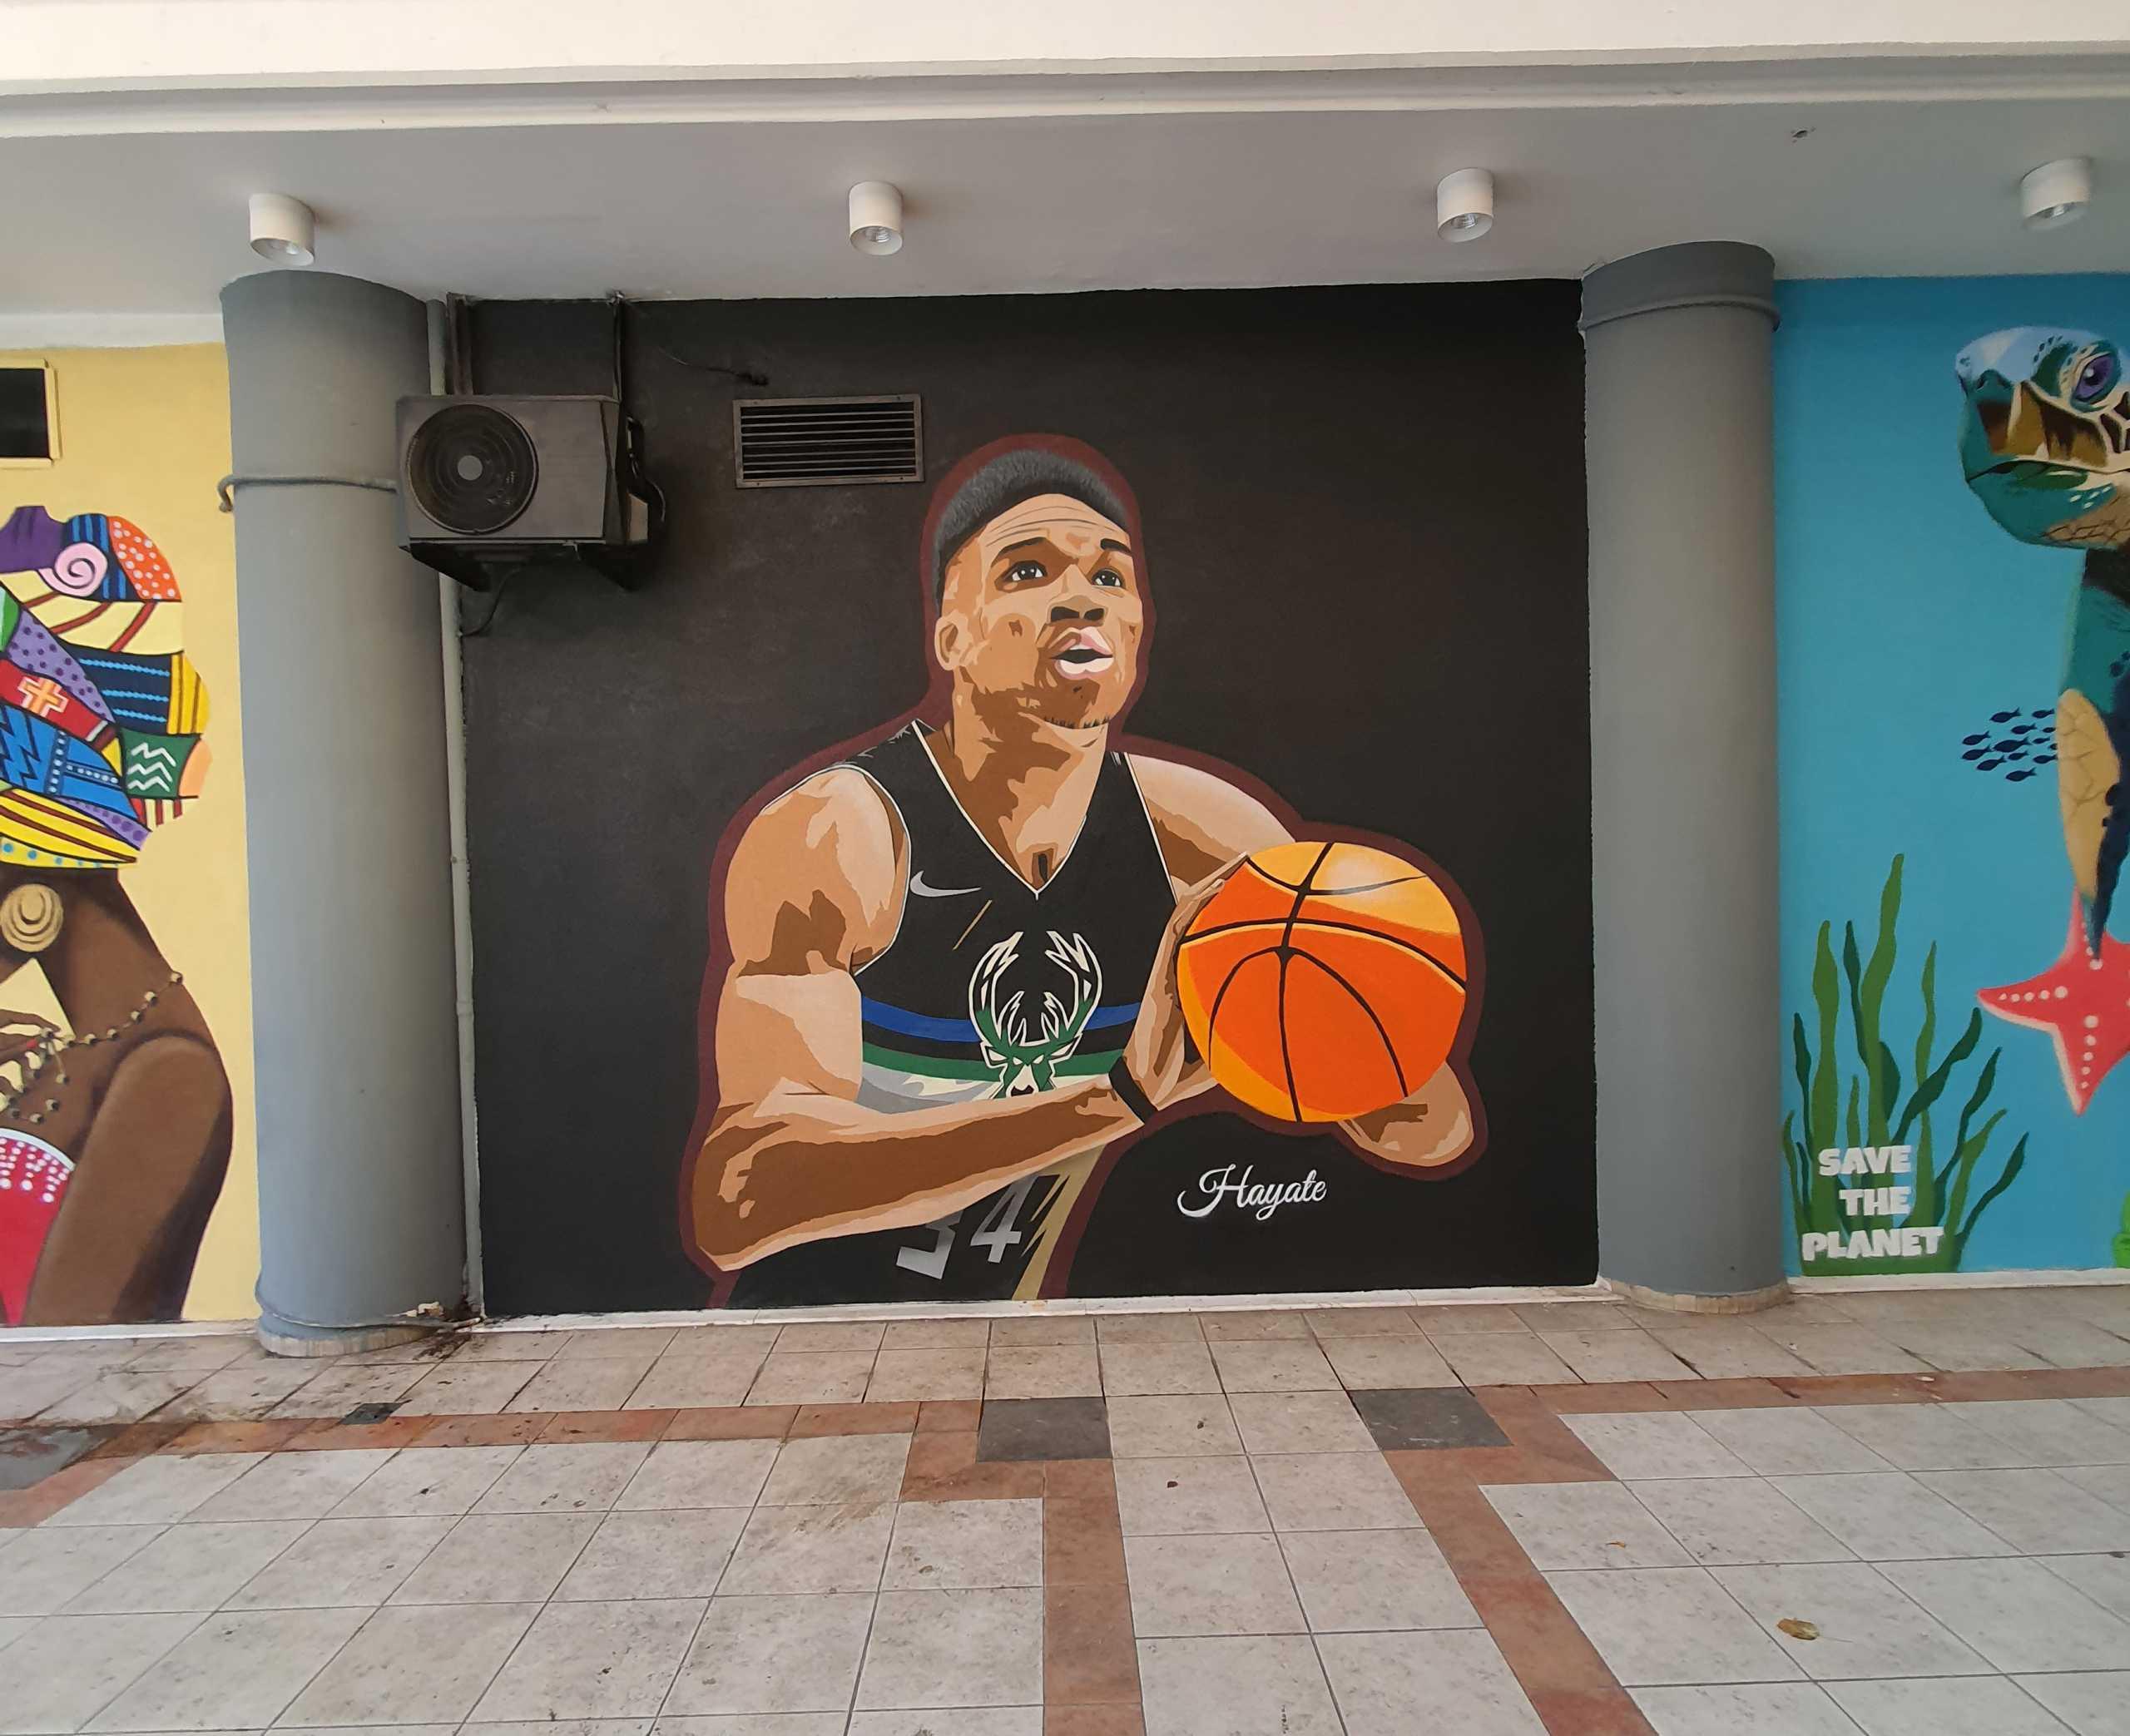 Η τοιχογραφία με τον Γιάννη Αντετοκούνμπο στη Θεσσαλονίκη που κάνει τα βλέμματα να γυρίζουν